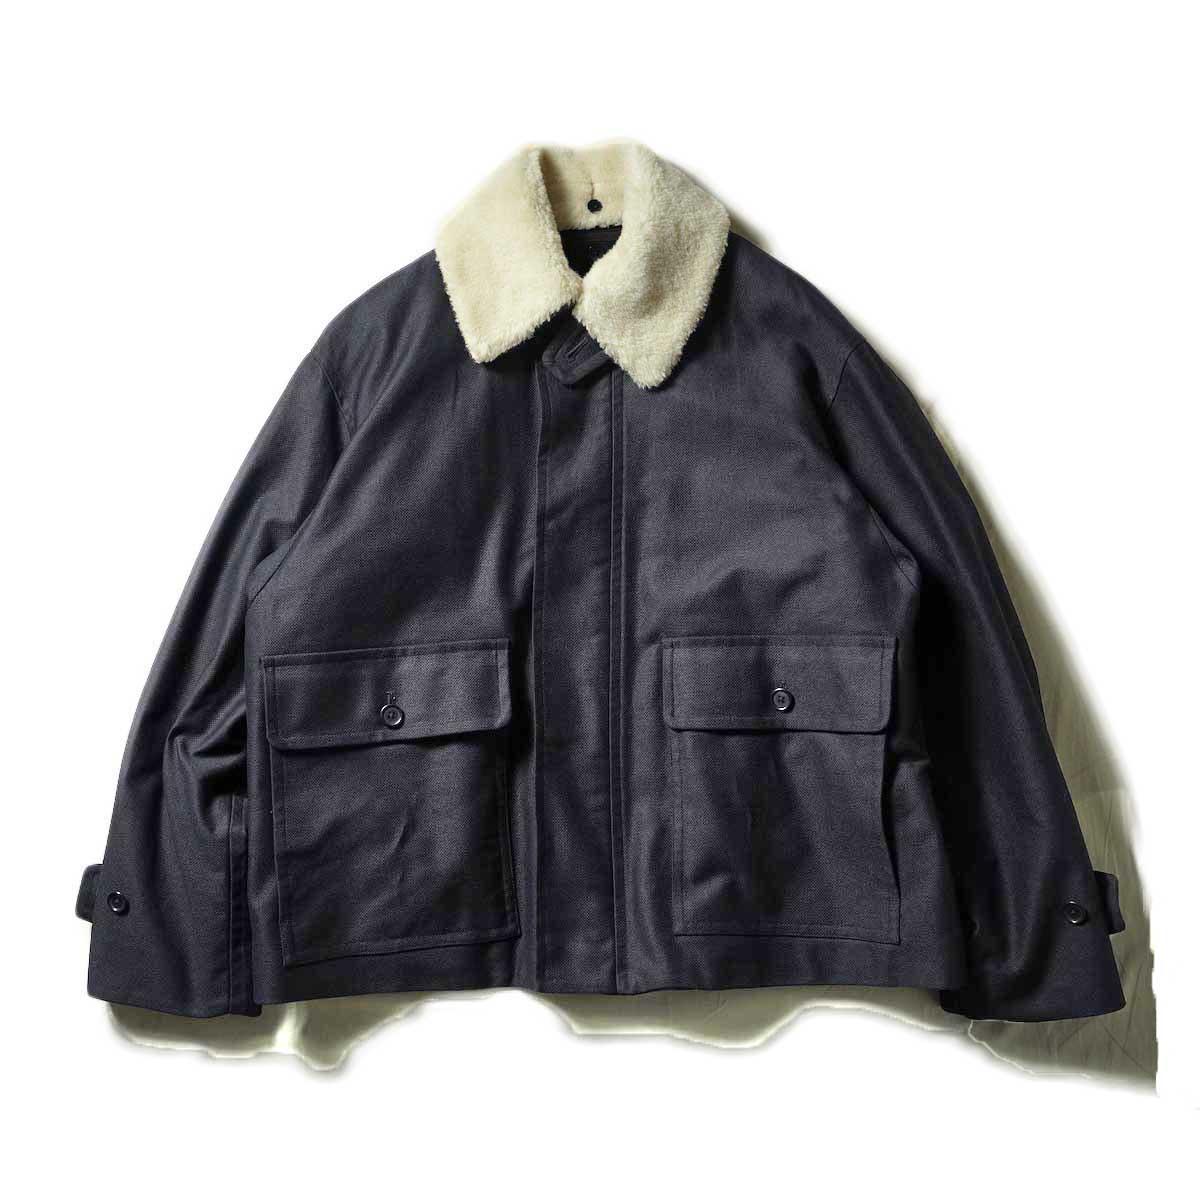 blurhms / Bloken Cloth A2MK3 Jacket (Dark Navy)